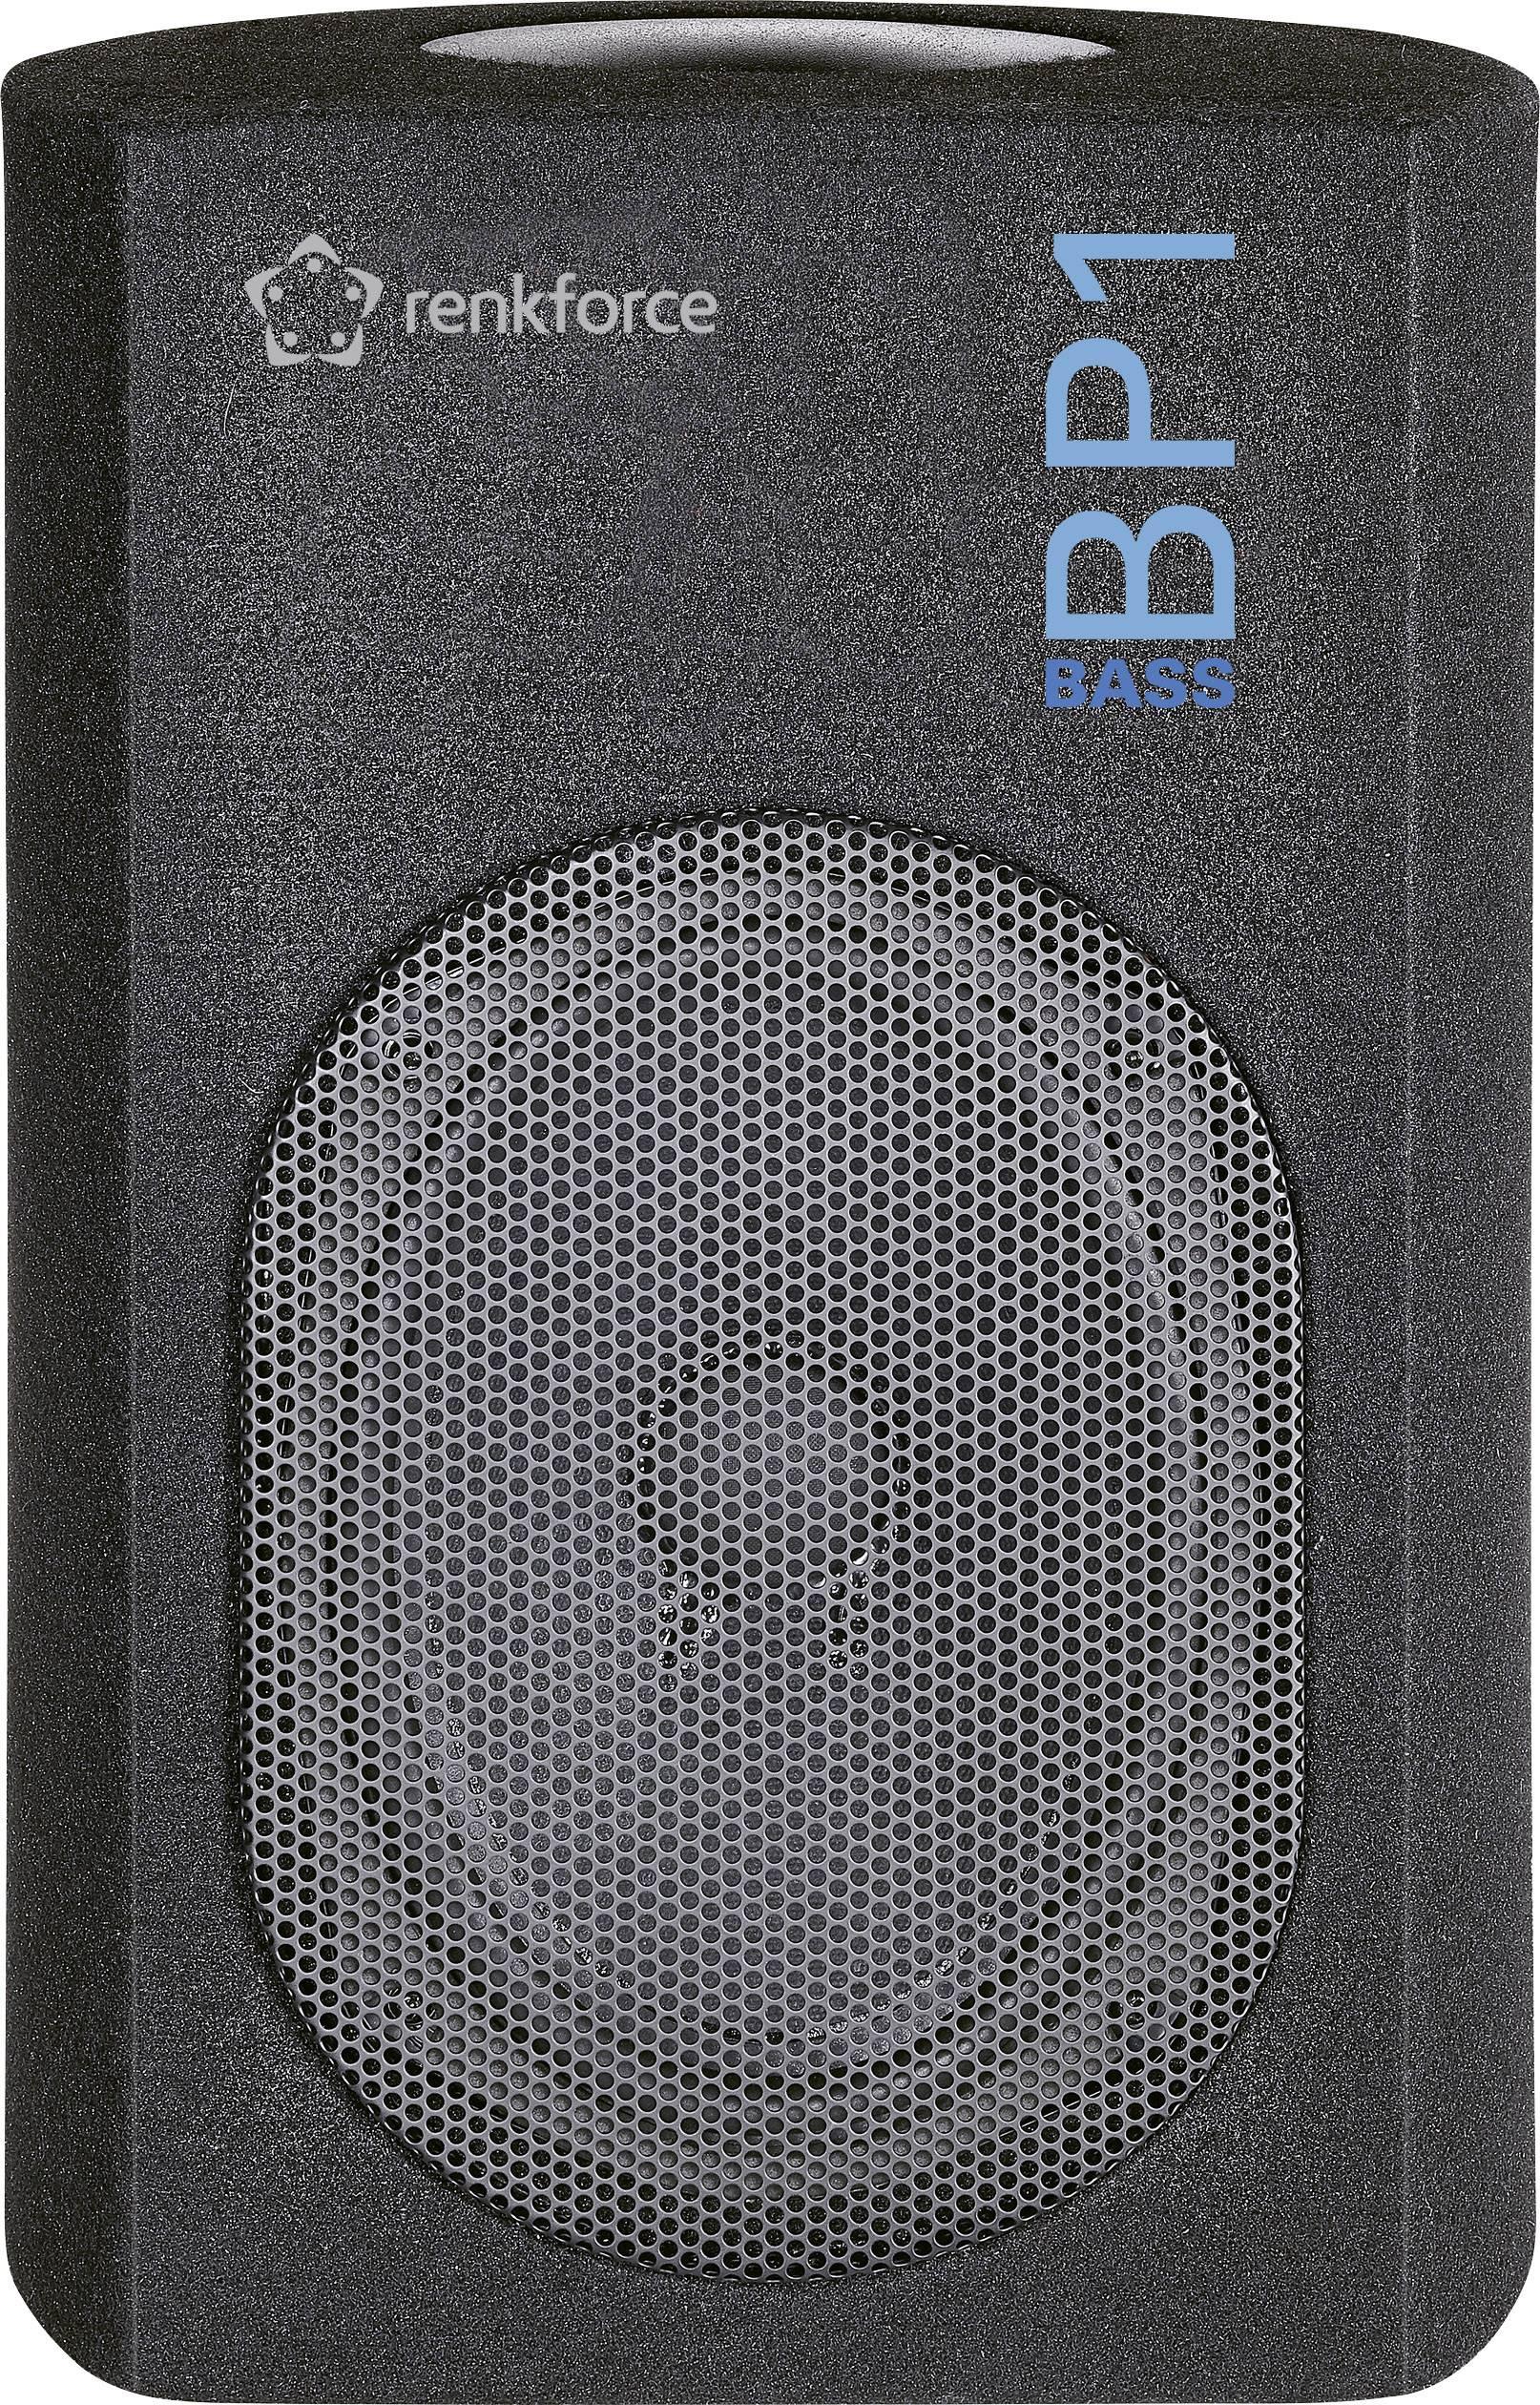 Renkforce Bass BP1 Subwoofer passiv